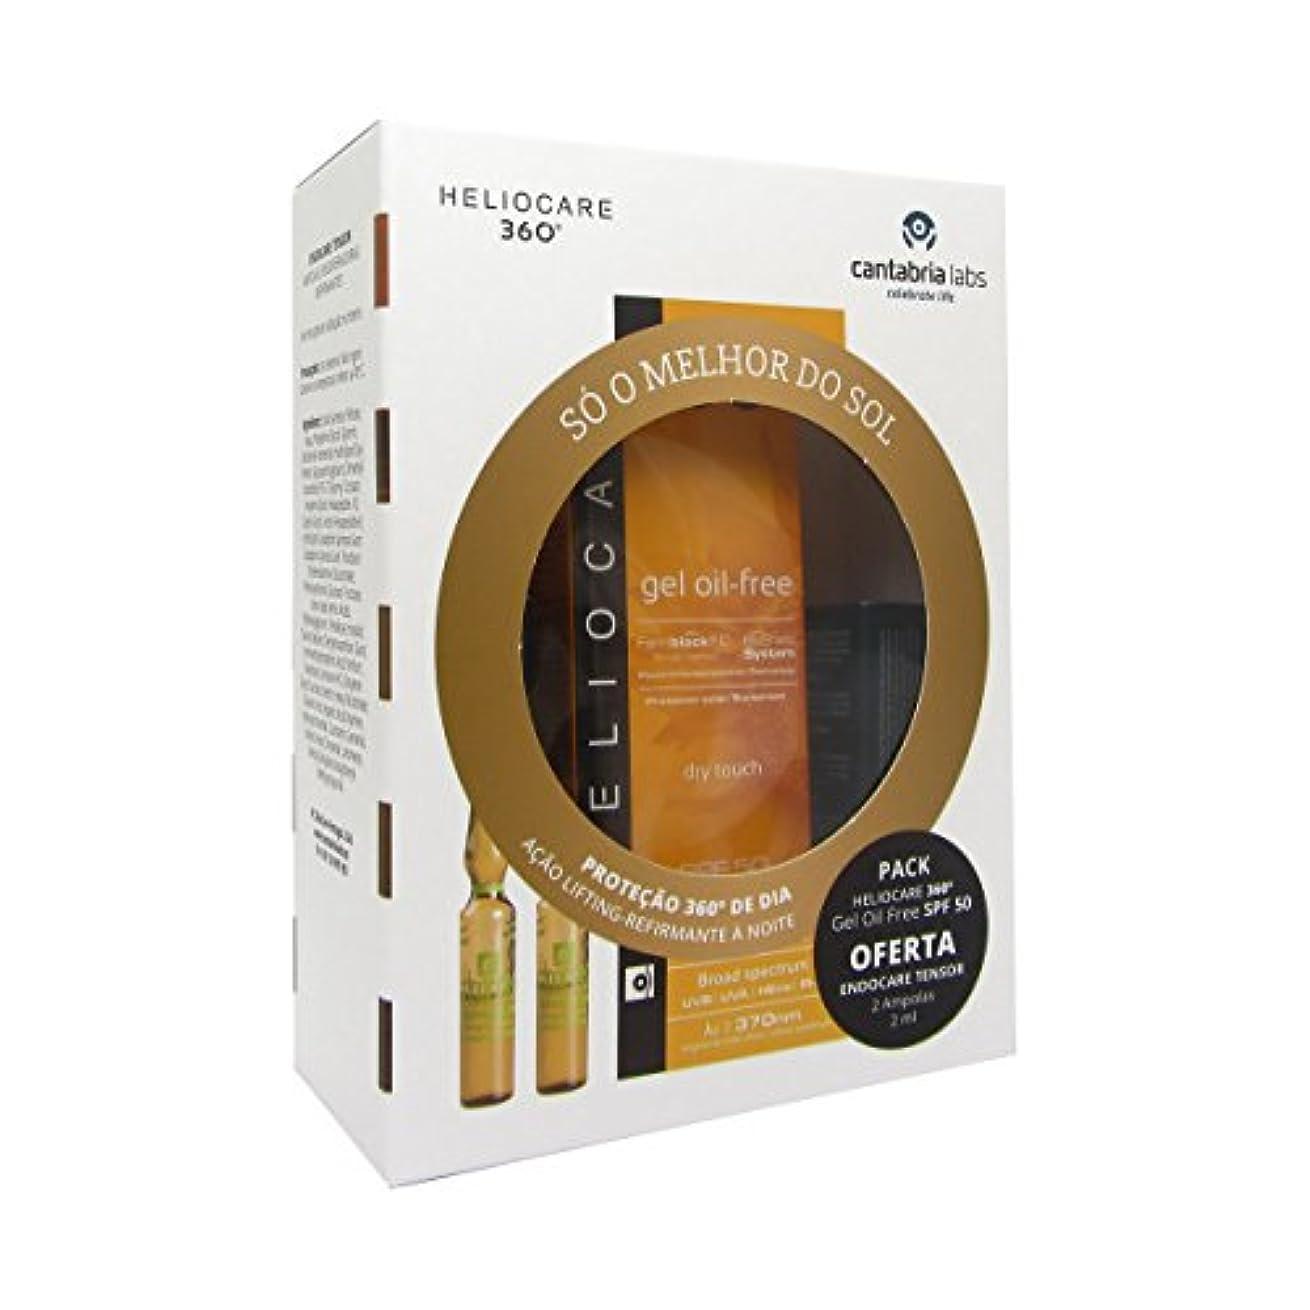 変な注入禁止Heliocare 360 Gel Oil Free Spf50 50ml + Endocare Tensor Ampoules2x2ml [並行輸入品]